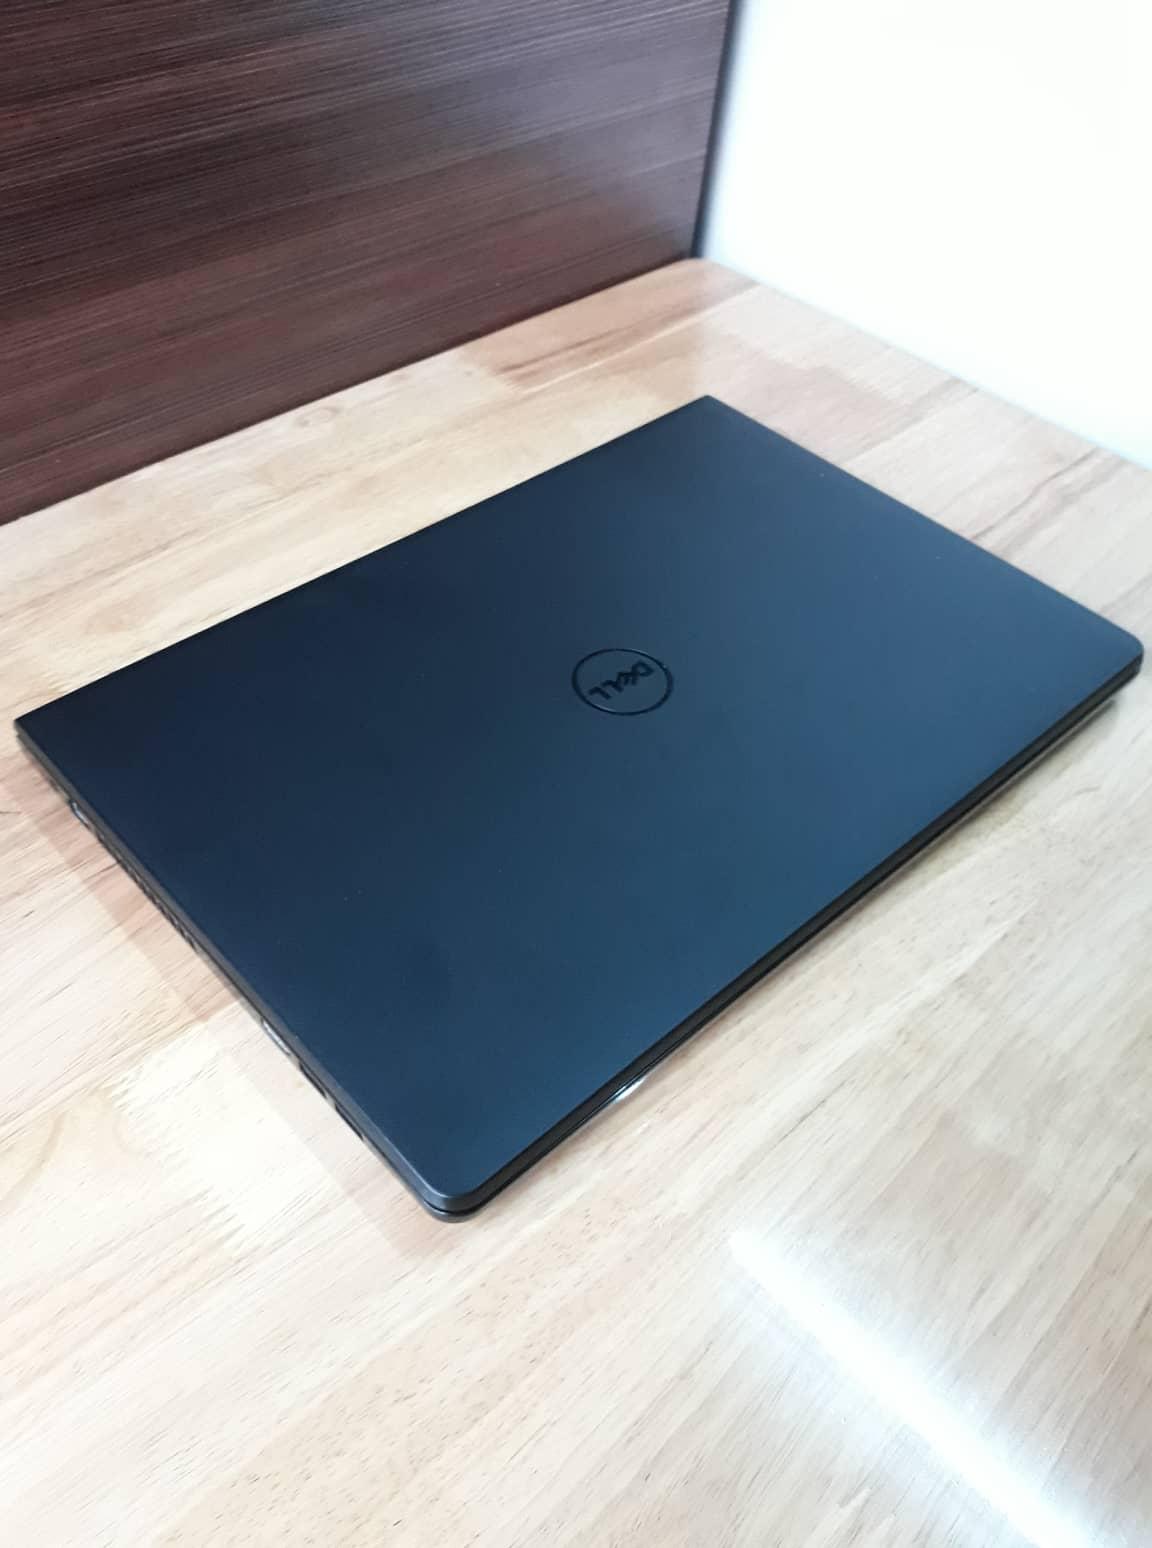 Dell inspiron 3567, I5 7200U RAM 8GB SSD 256GB VGA AMD M330 6GB